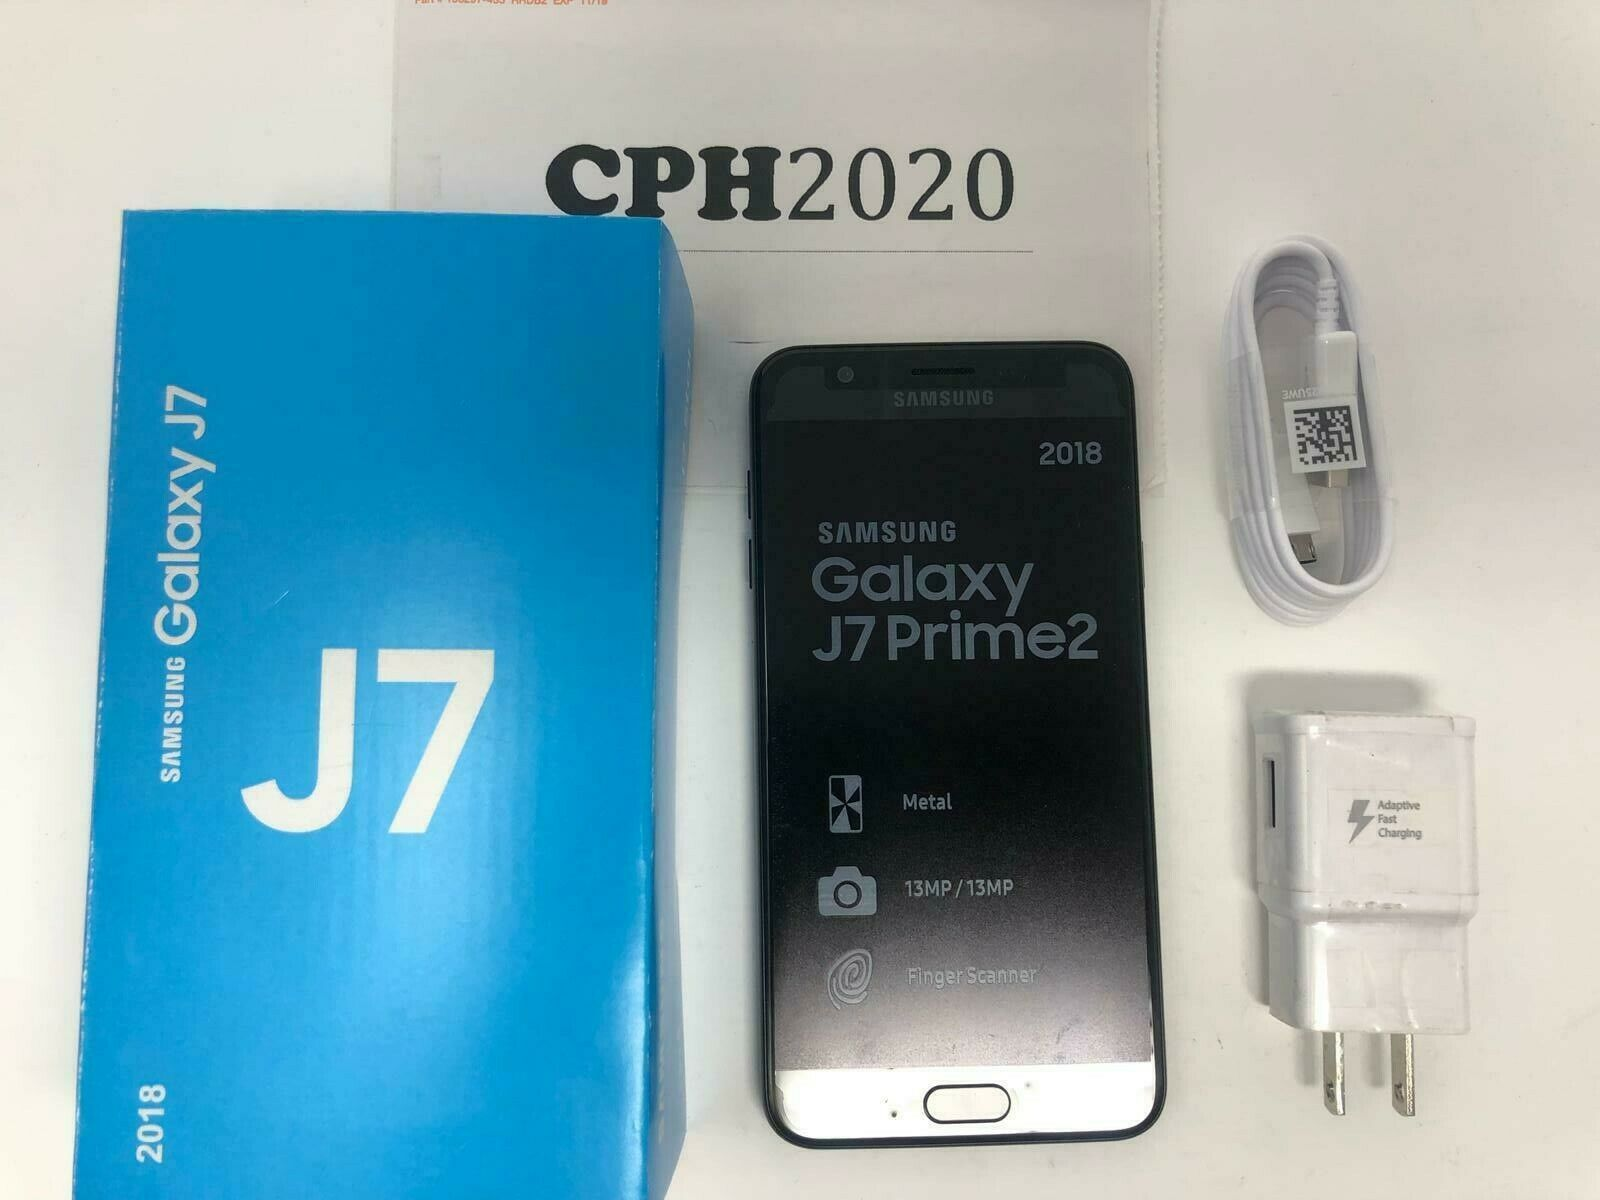 Unlocked New Samsung Galaxy J7 2018 J737a Hd 4g Lte At T Black Phone 887276221977 Ebay